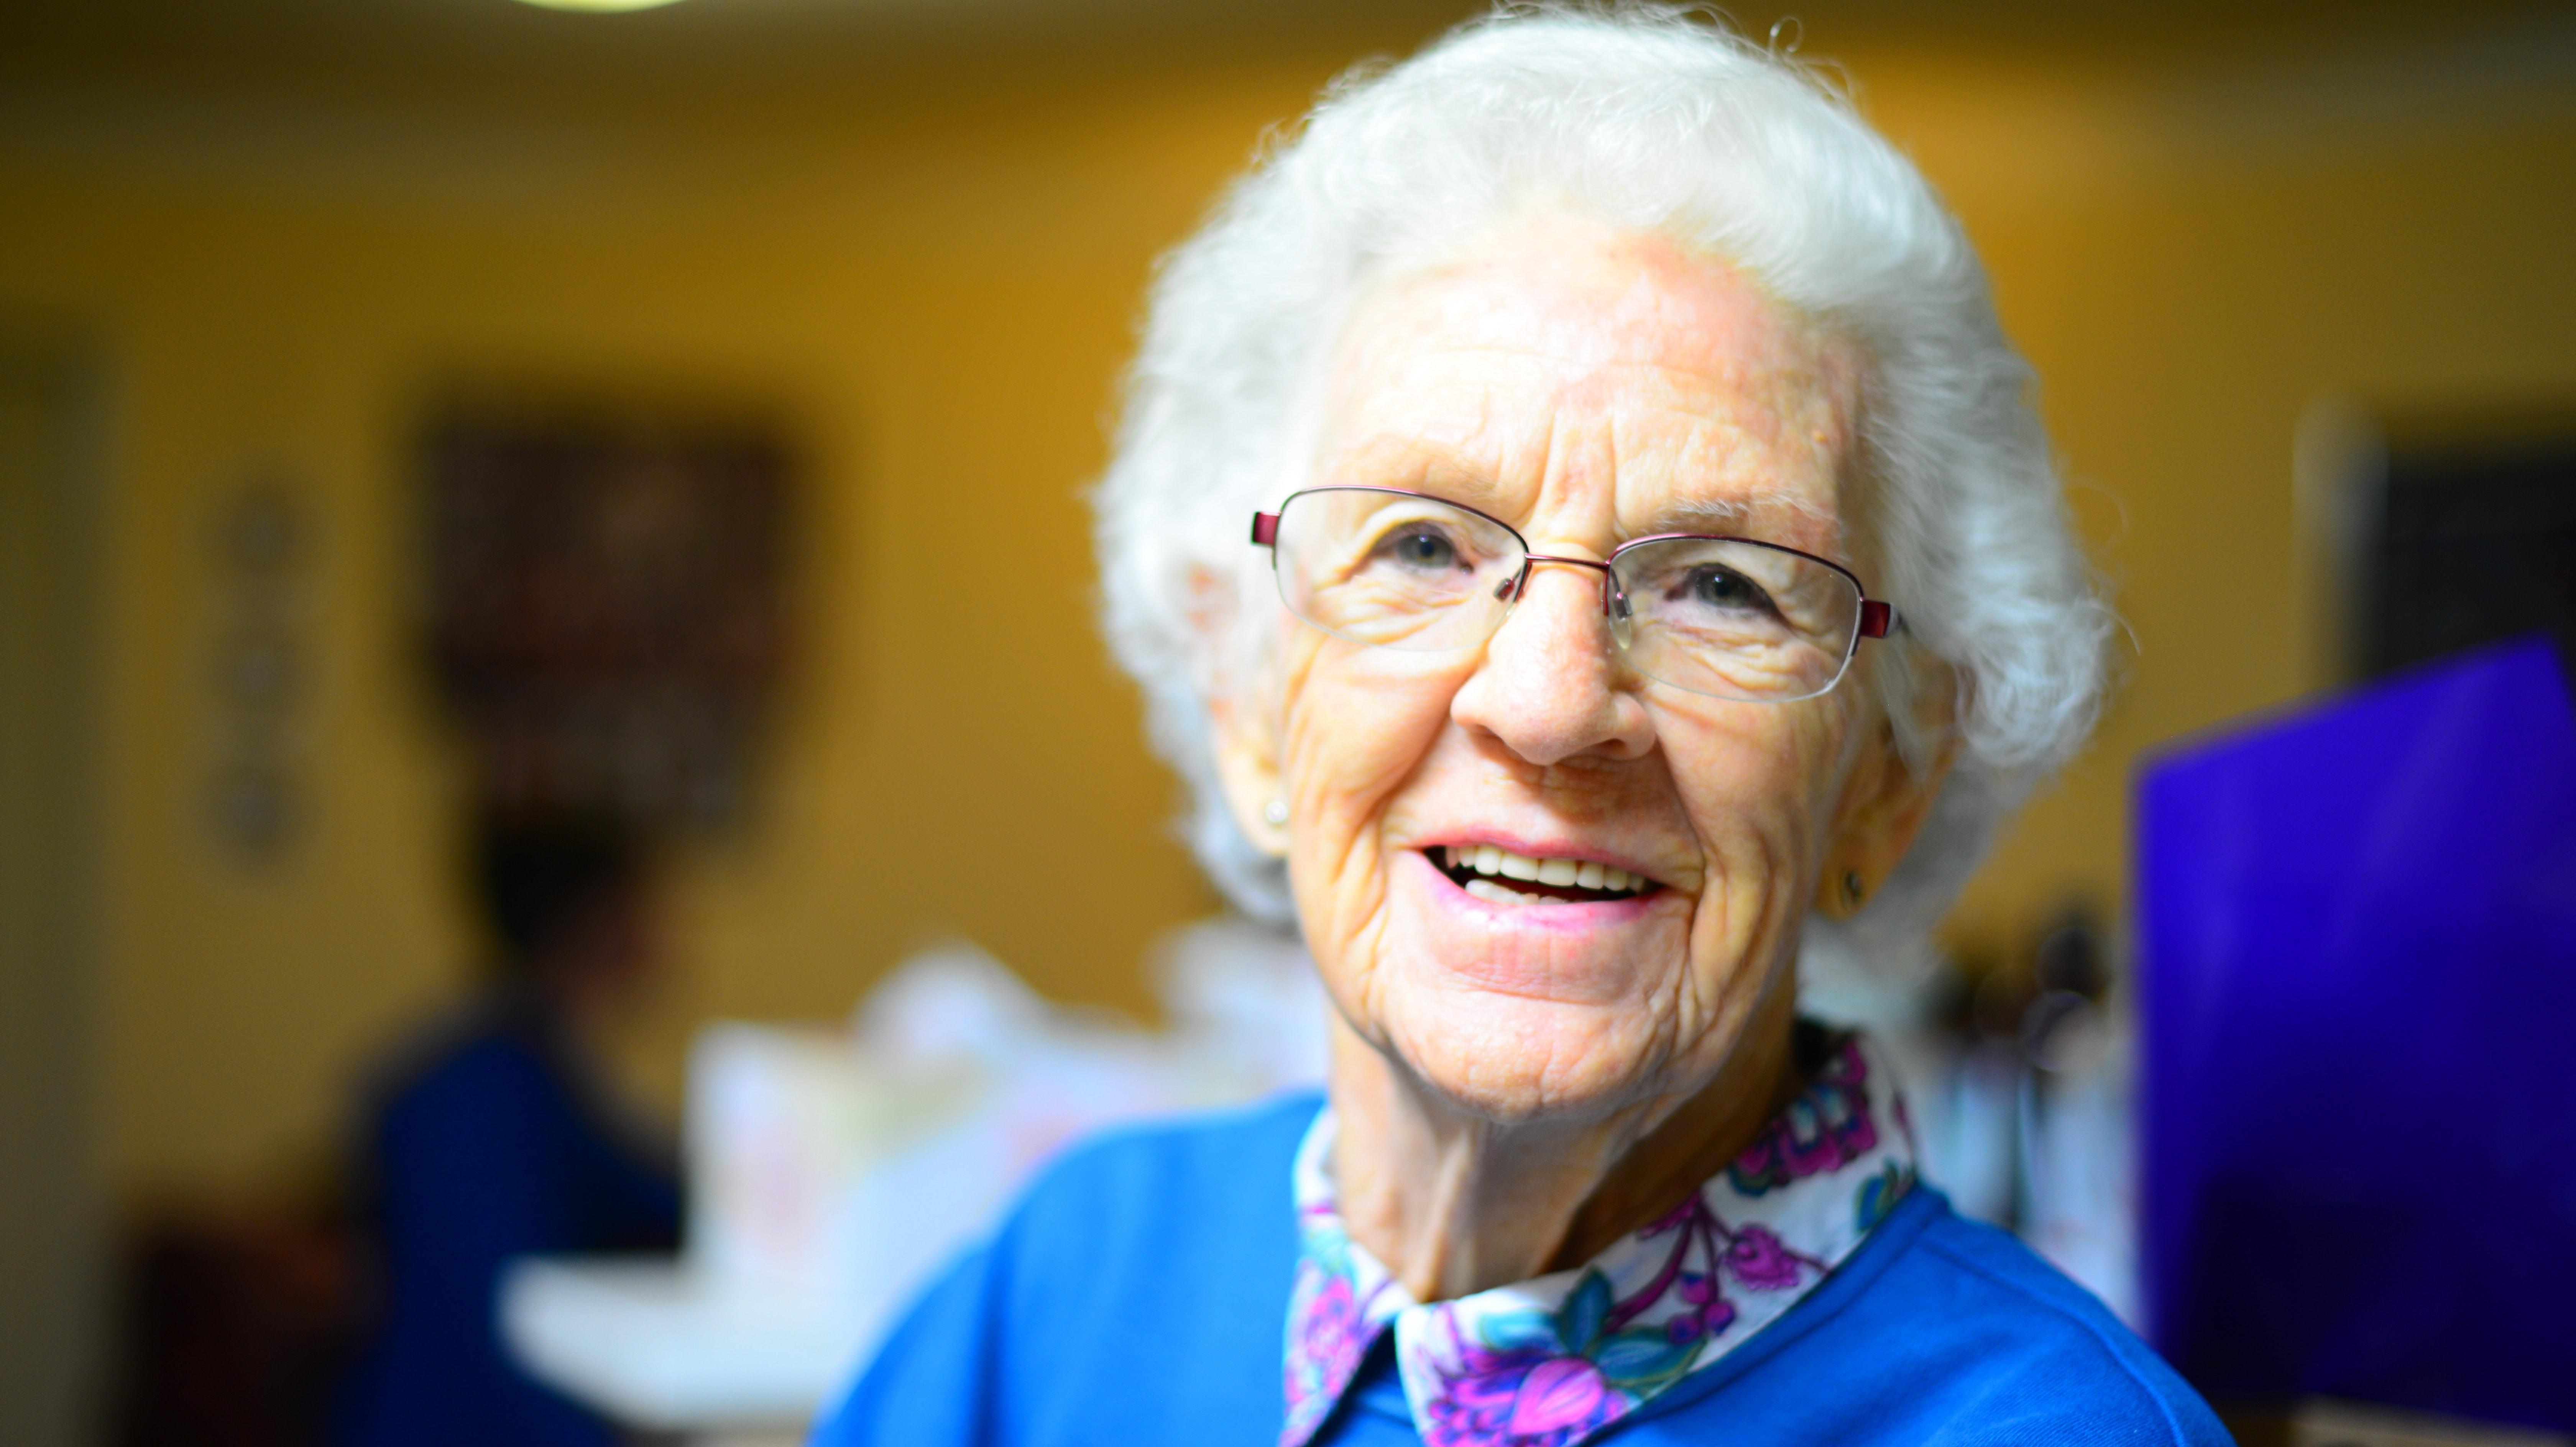 grandma getting ticket